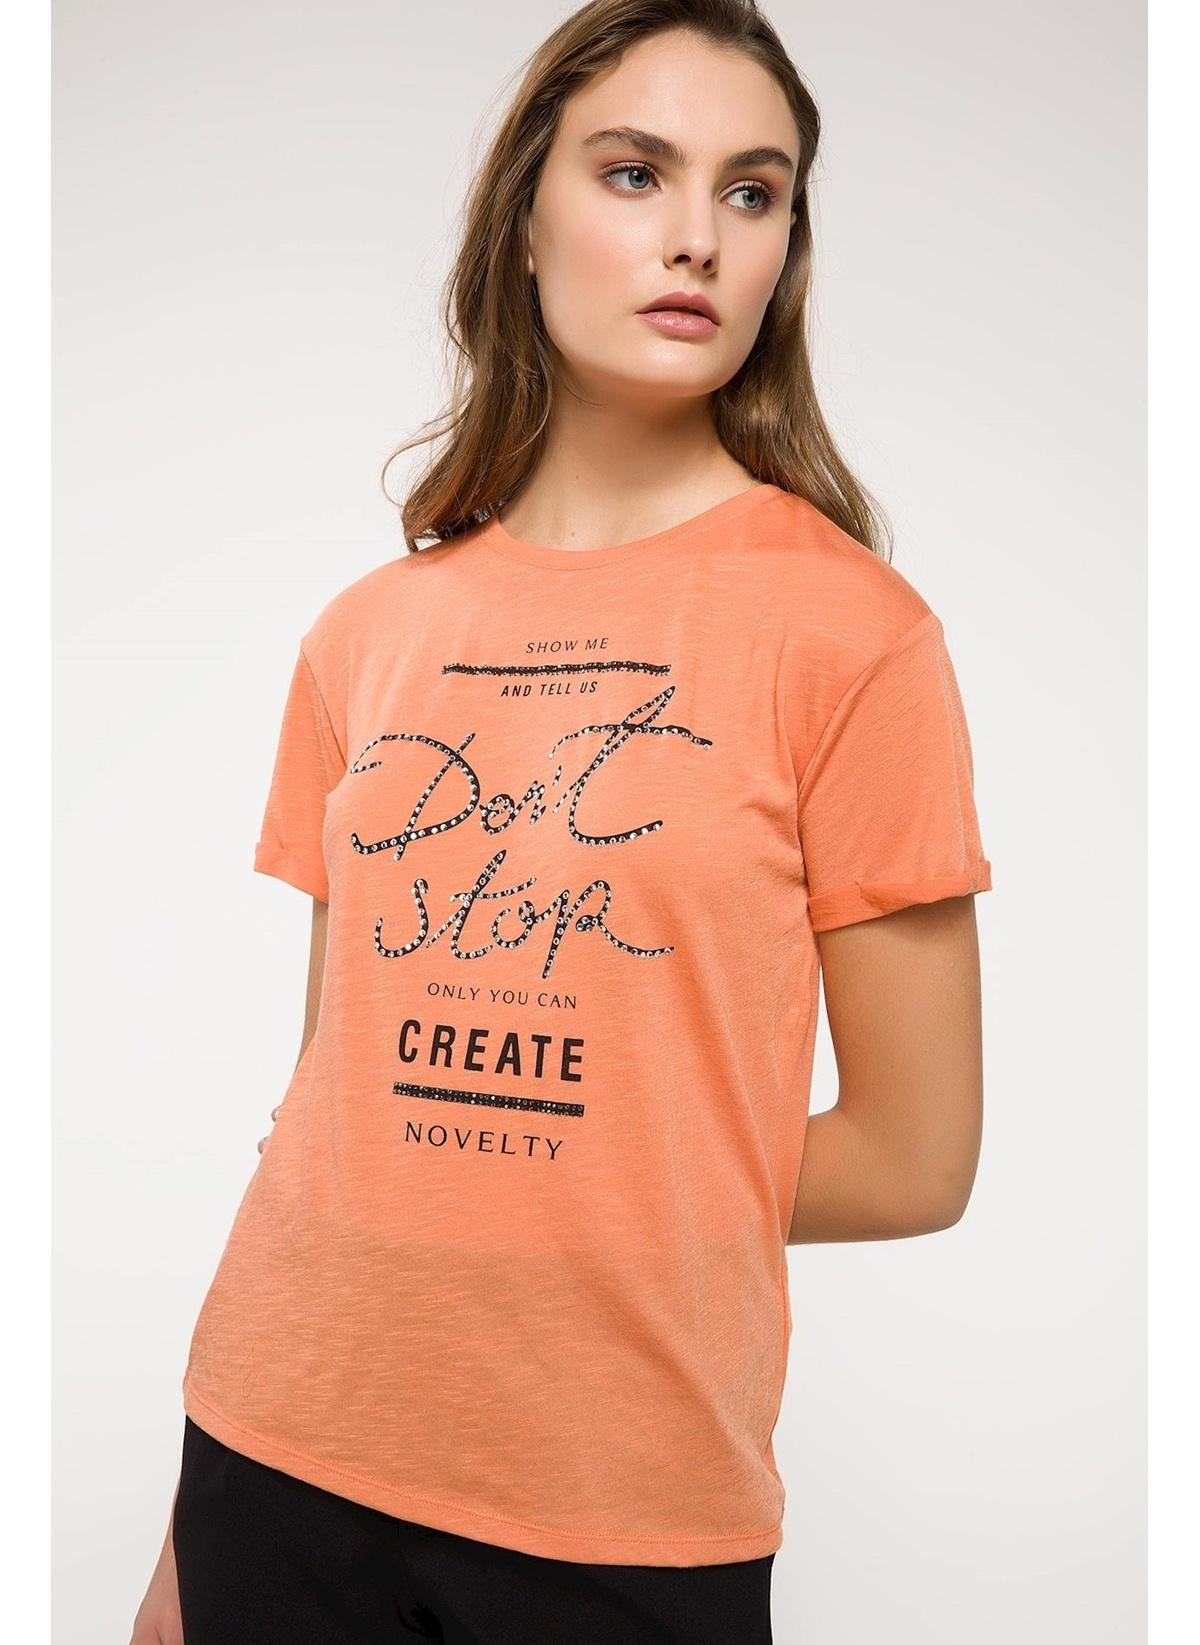 Defacto Taş Detaylı T-shirt I9917az18spog364t-shirt – 39.99 TL